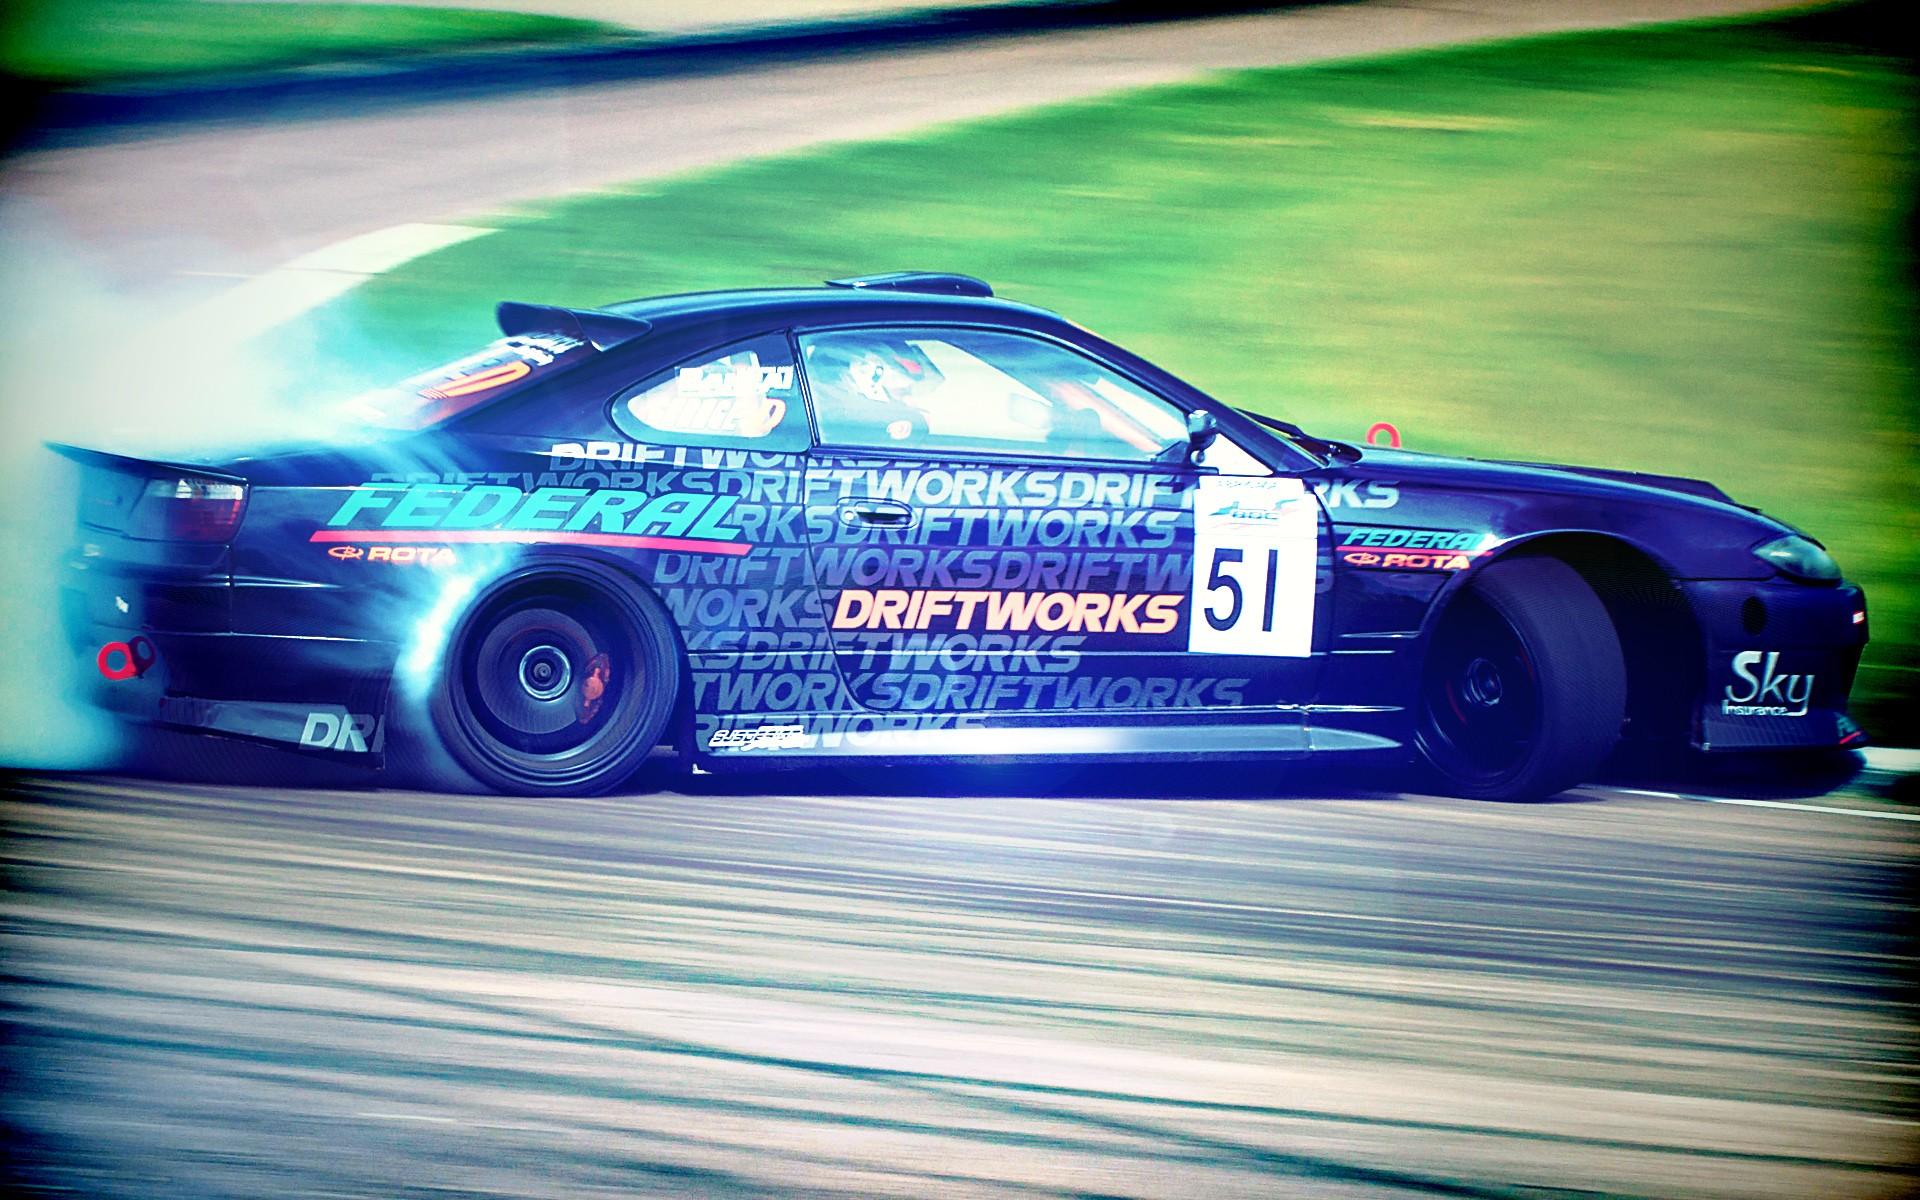 cars wallpaper drift images 1920x1200 1920x1200